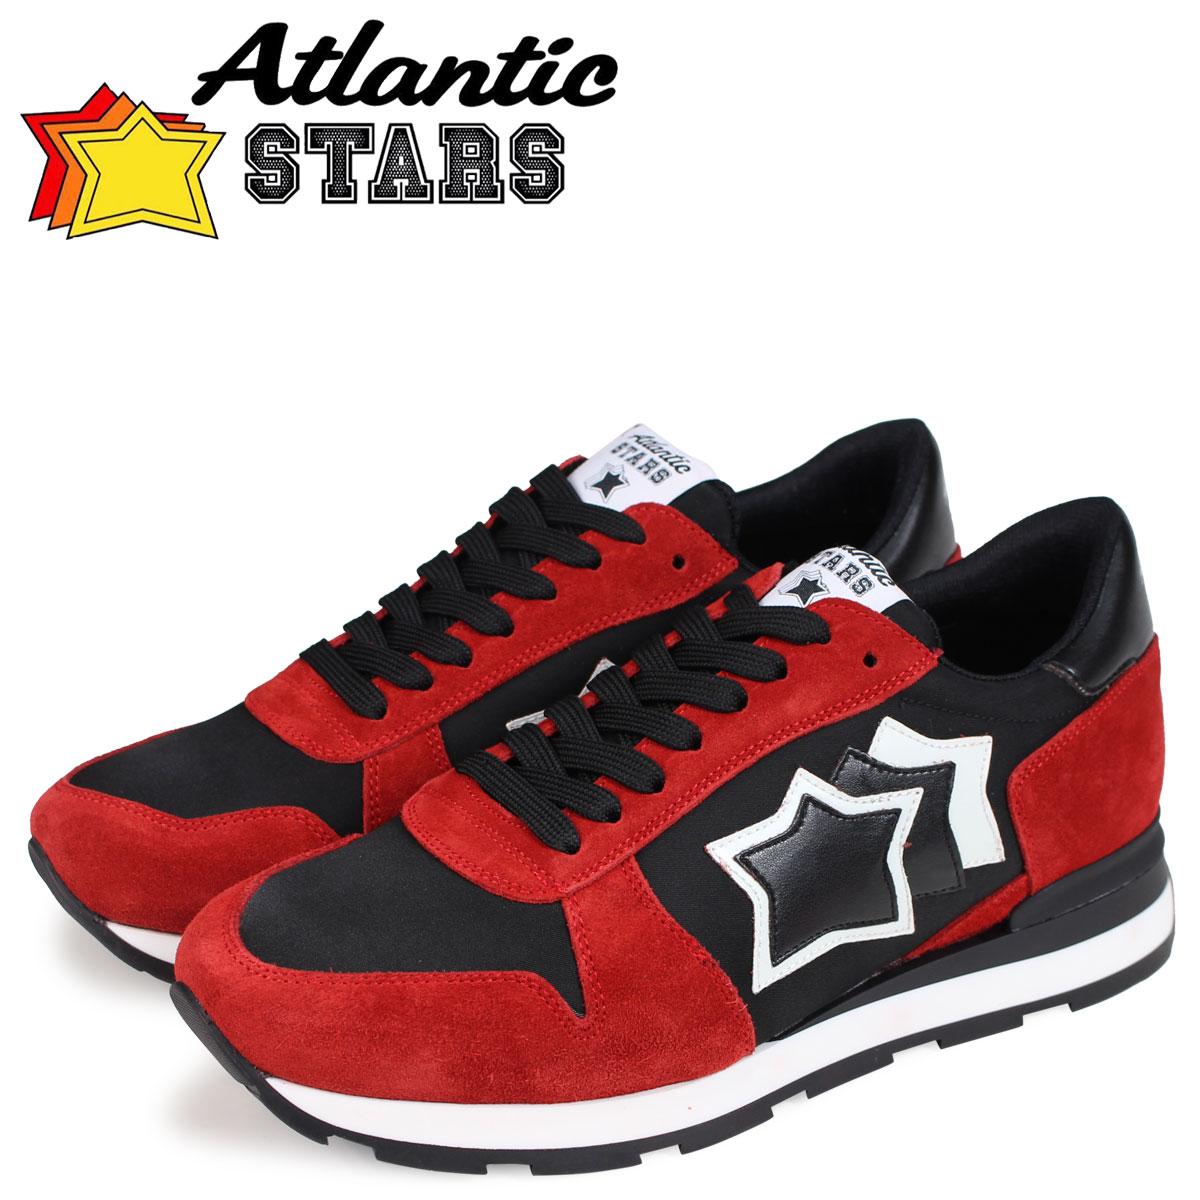 【送料無料】 【あす楽対応】 【25.5cm-28.5cm】 アトランティックスターズ Atlantic STARS シリウス SIRIUS スニーカー Atlantic STARS メンズ スニーカー アトランティックスターズ シリウス SIRIUS NFN-10N レッド 赤